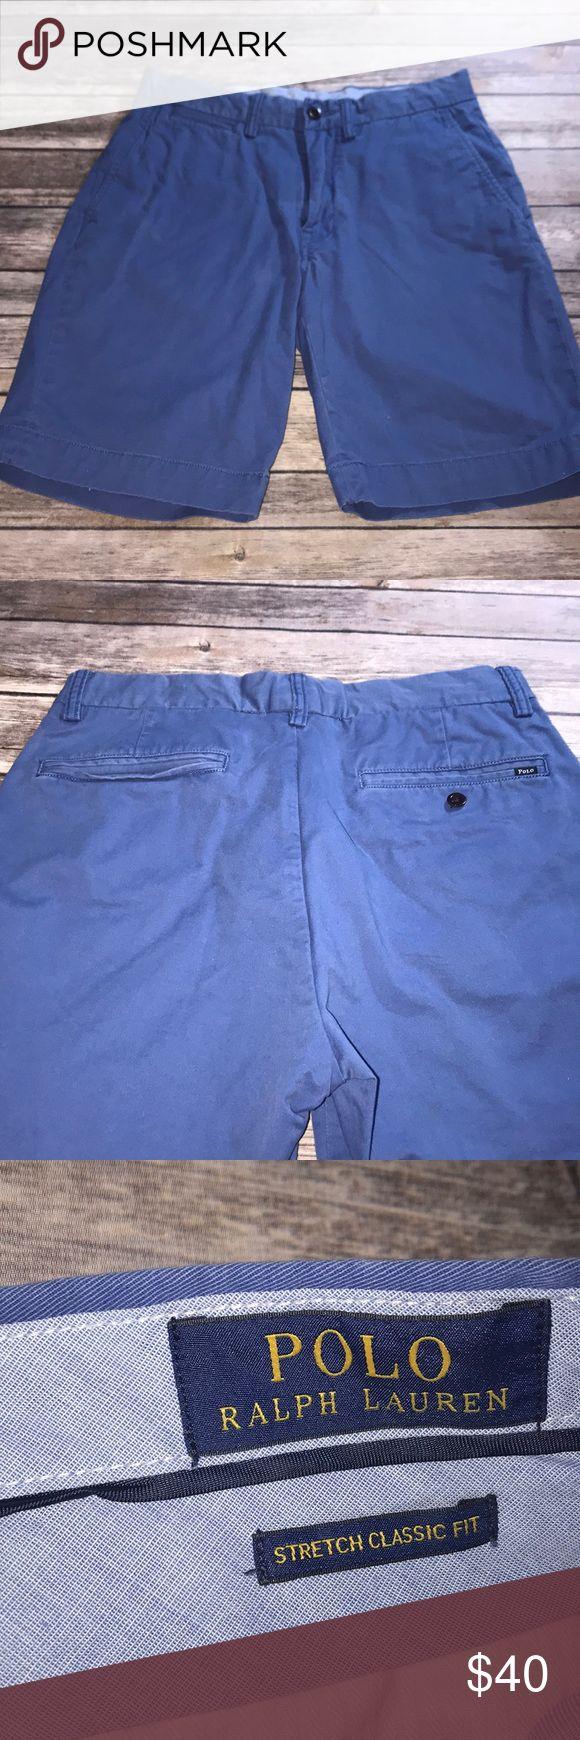 Men's Cobalt Blue Polo Ralph Lauren Shorts Men's Polo Ralph Lauren Cobalt Blue shorts. Worn a handful of times. size 30. Stretch classic fit.  98% cotton  2% elastic Polo by Ralph Lauren Shorts Flat Front